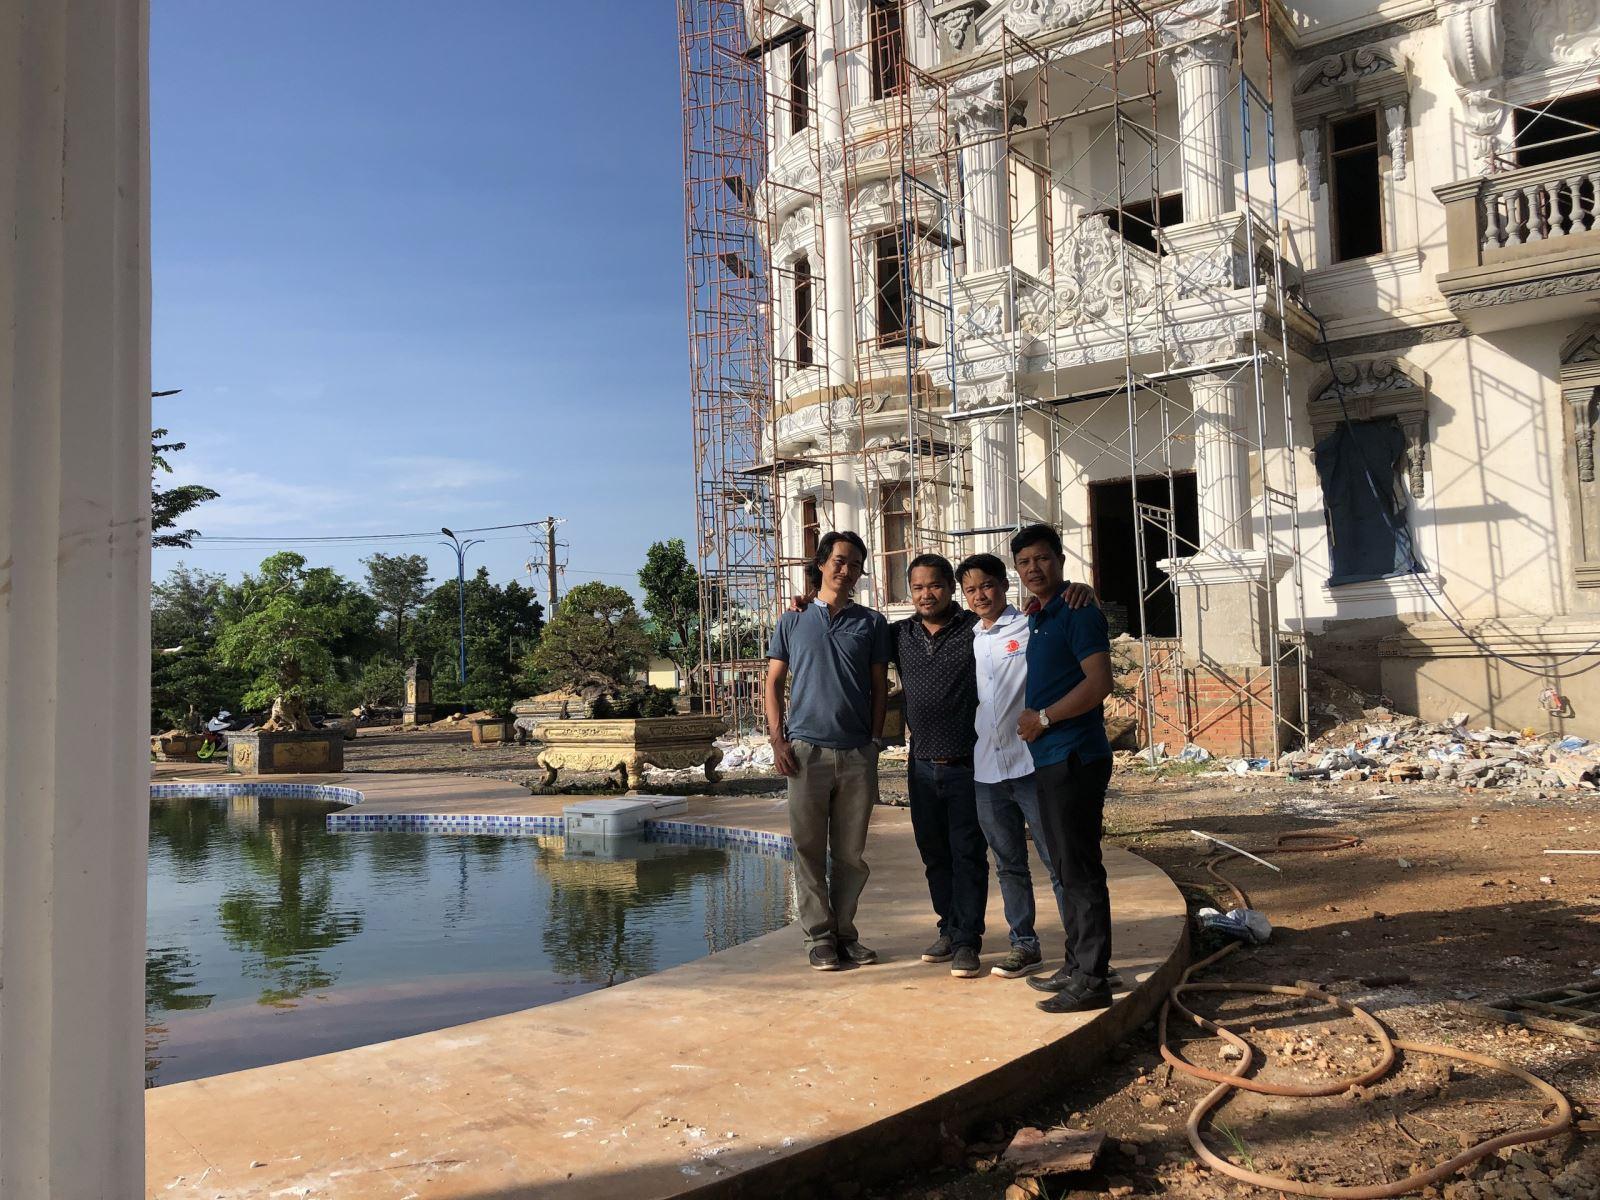 Điểm danh những công trình điêu khắc do Mỹ thuật Sài Gòn thực hiện